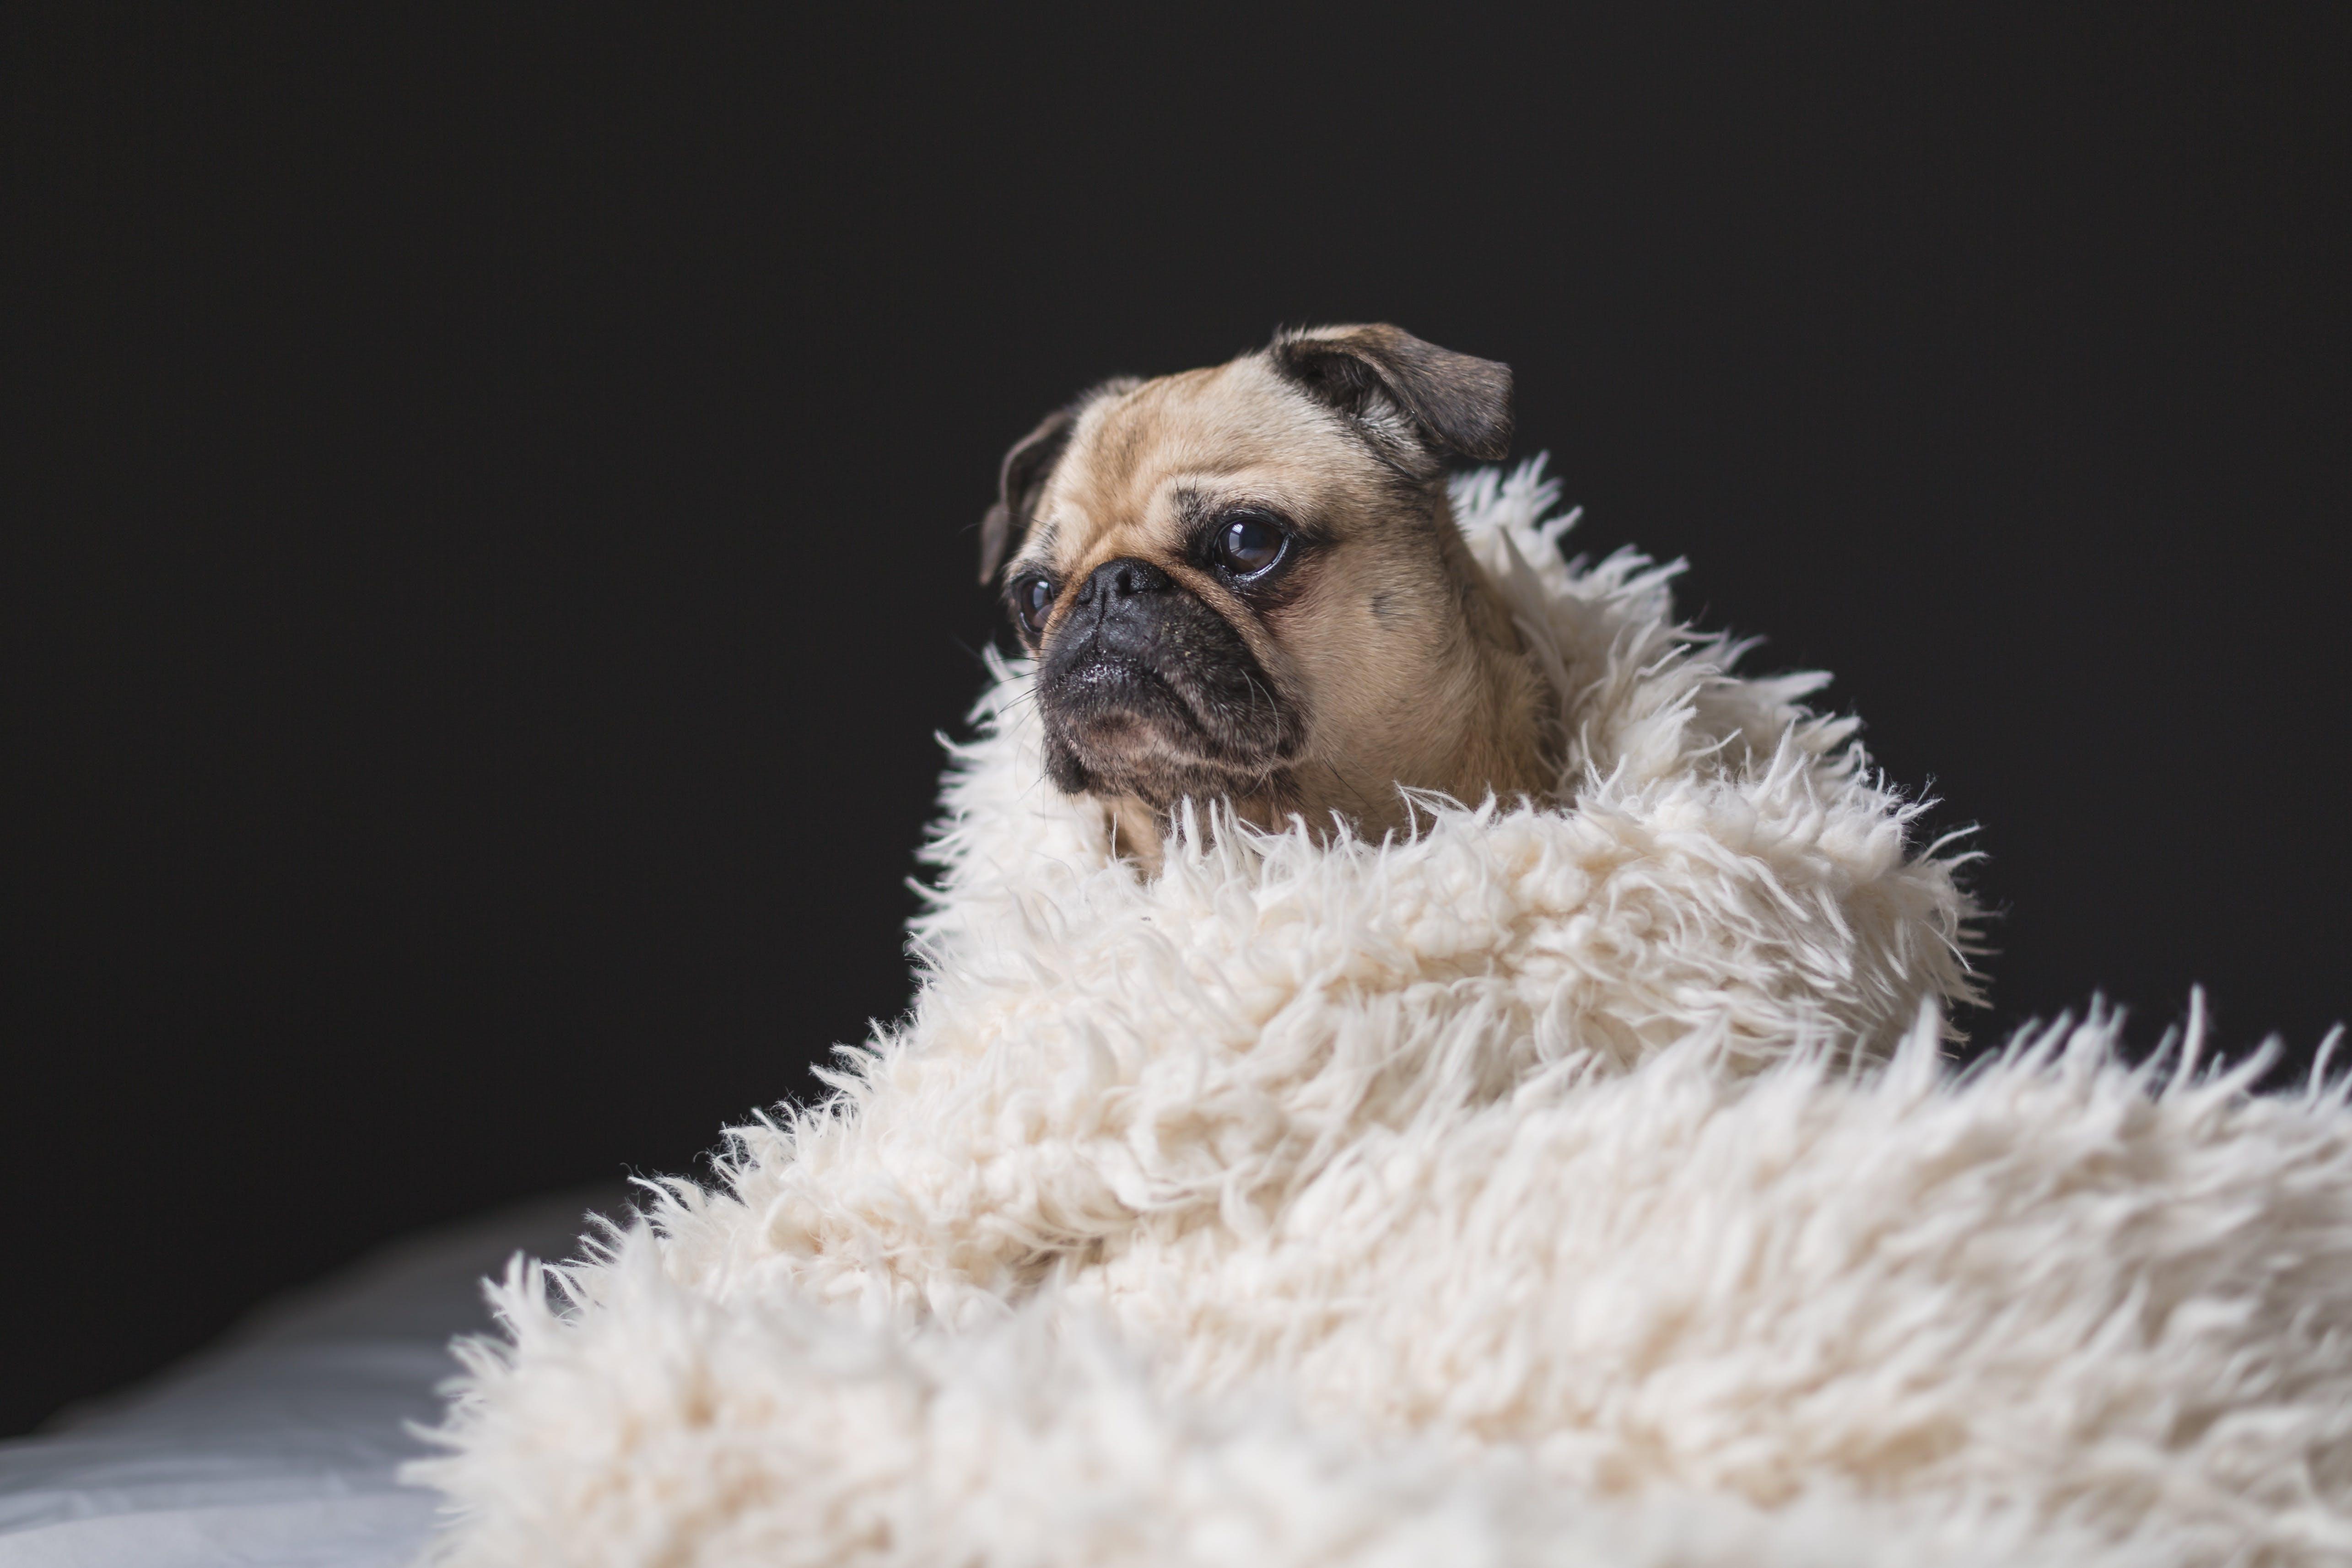 Gratis lagerfoto af brun pug, close-up, dyr, dyrefotografering